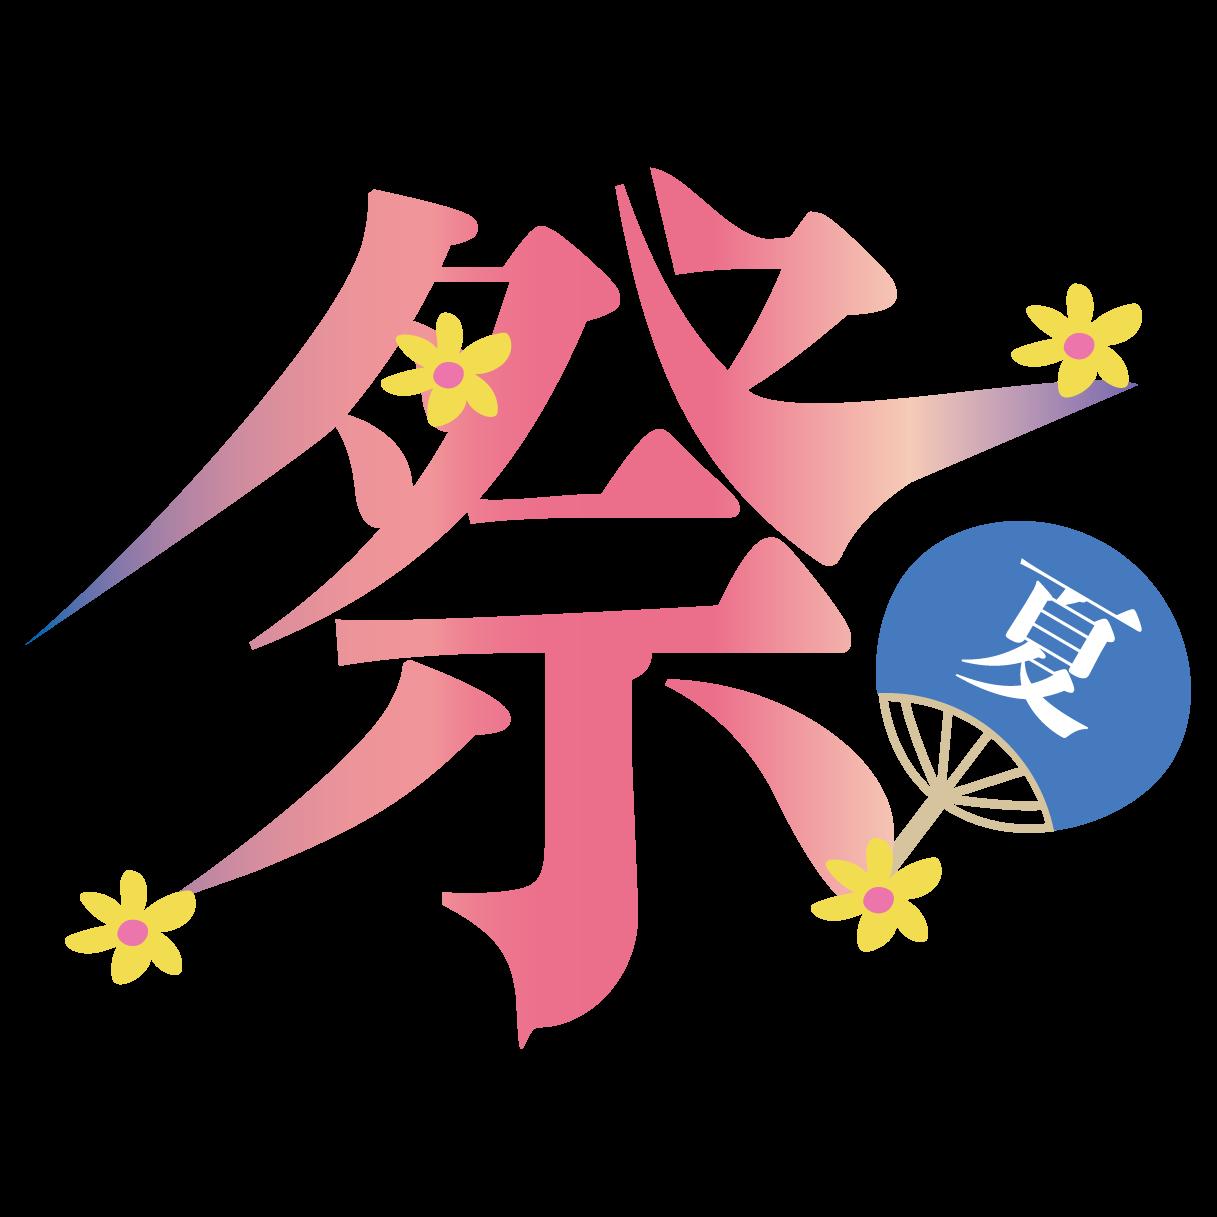 おしゃれ かっこいいお祭りまつりの 漢字の文字素材 イラスト